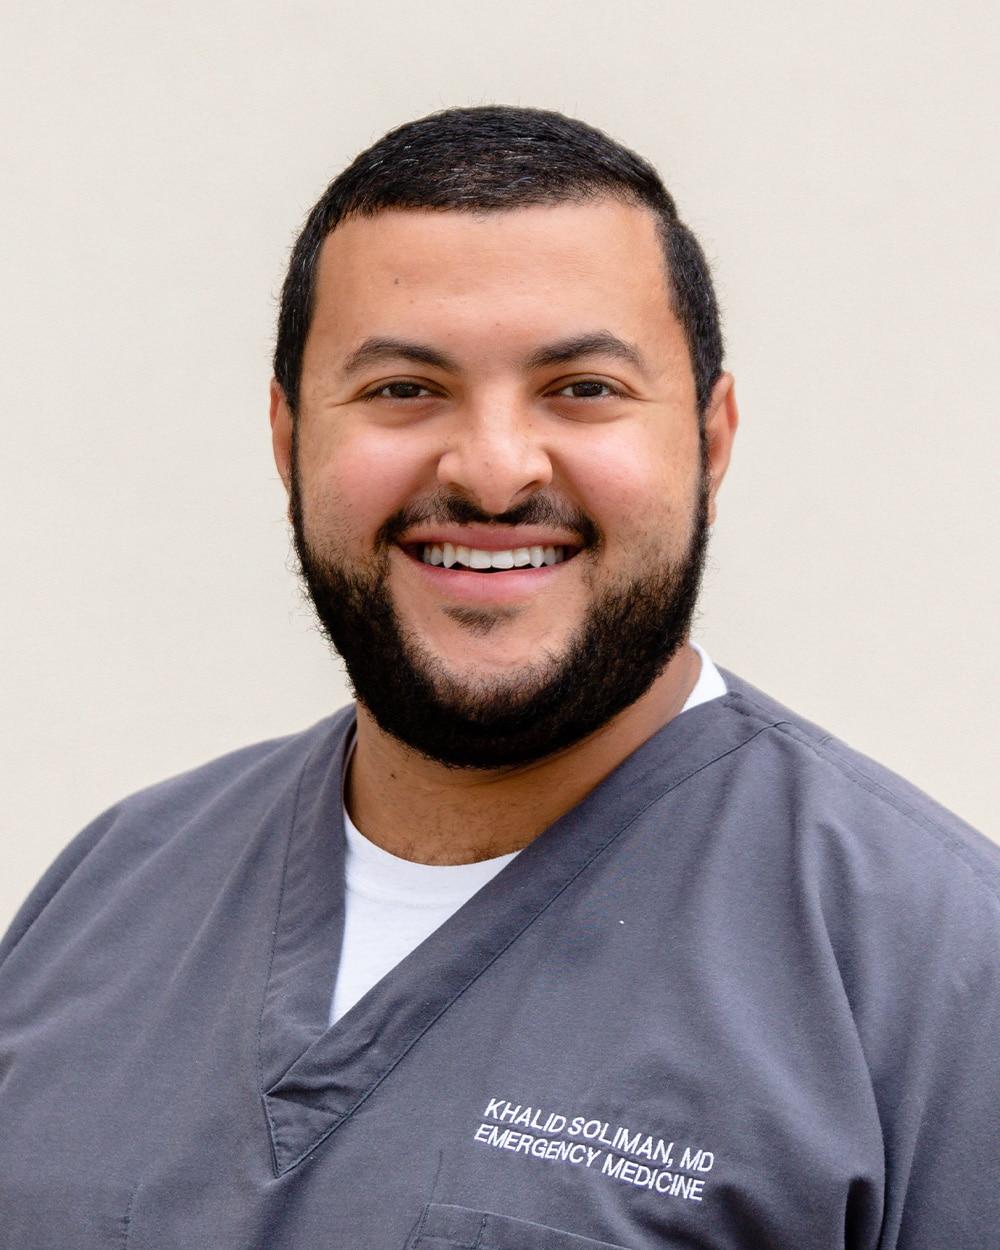 khalid soliman md - Fort Worth EM Residency Program